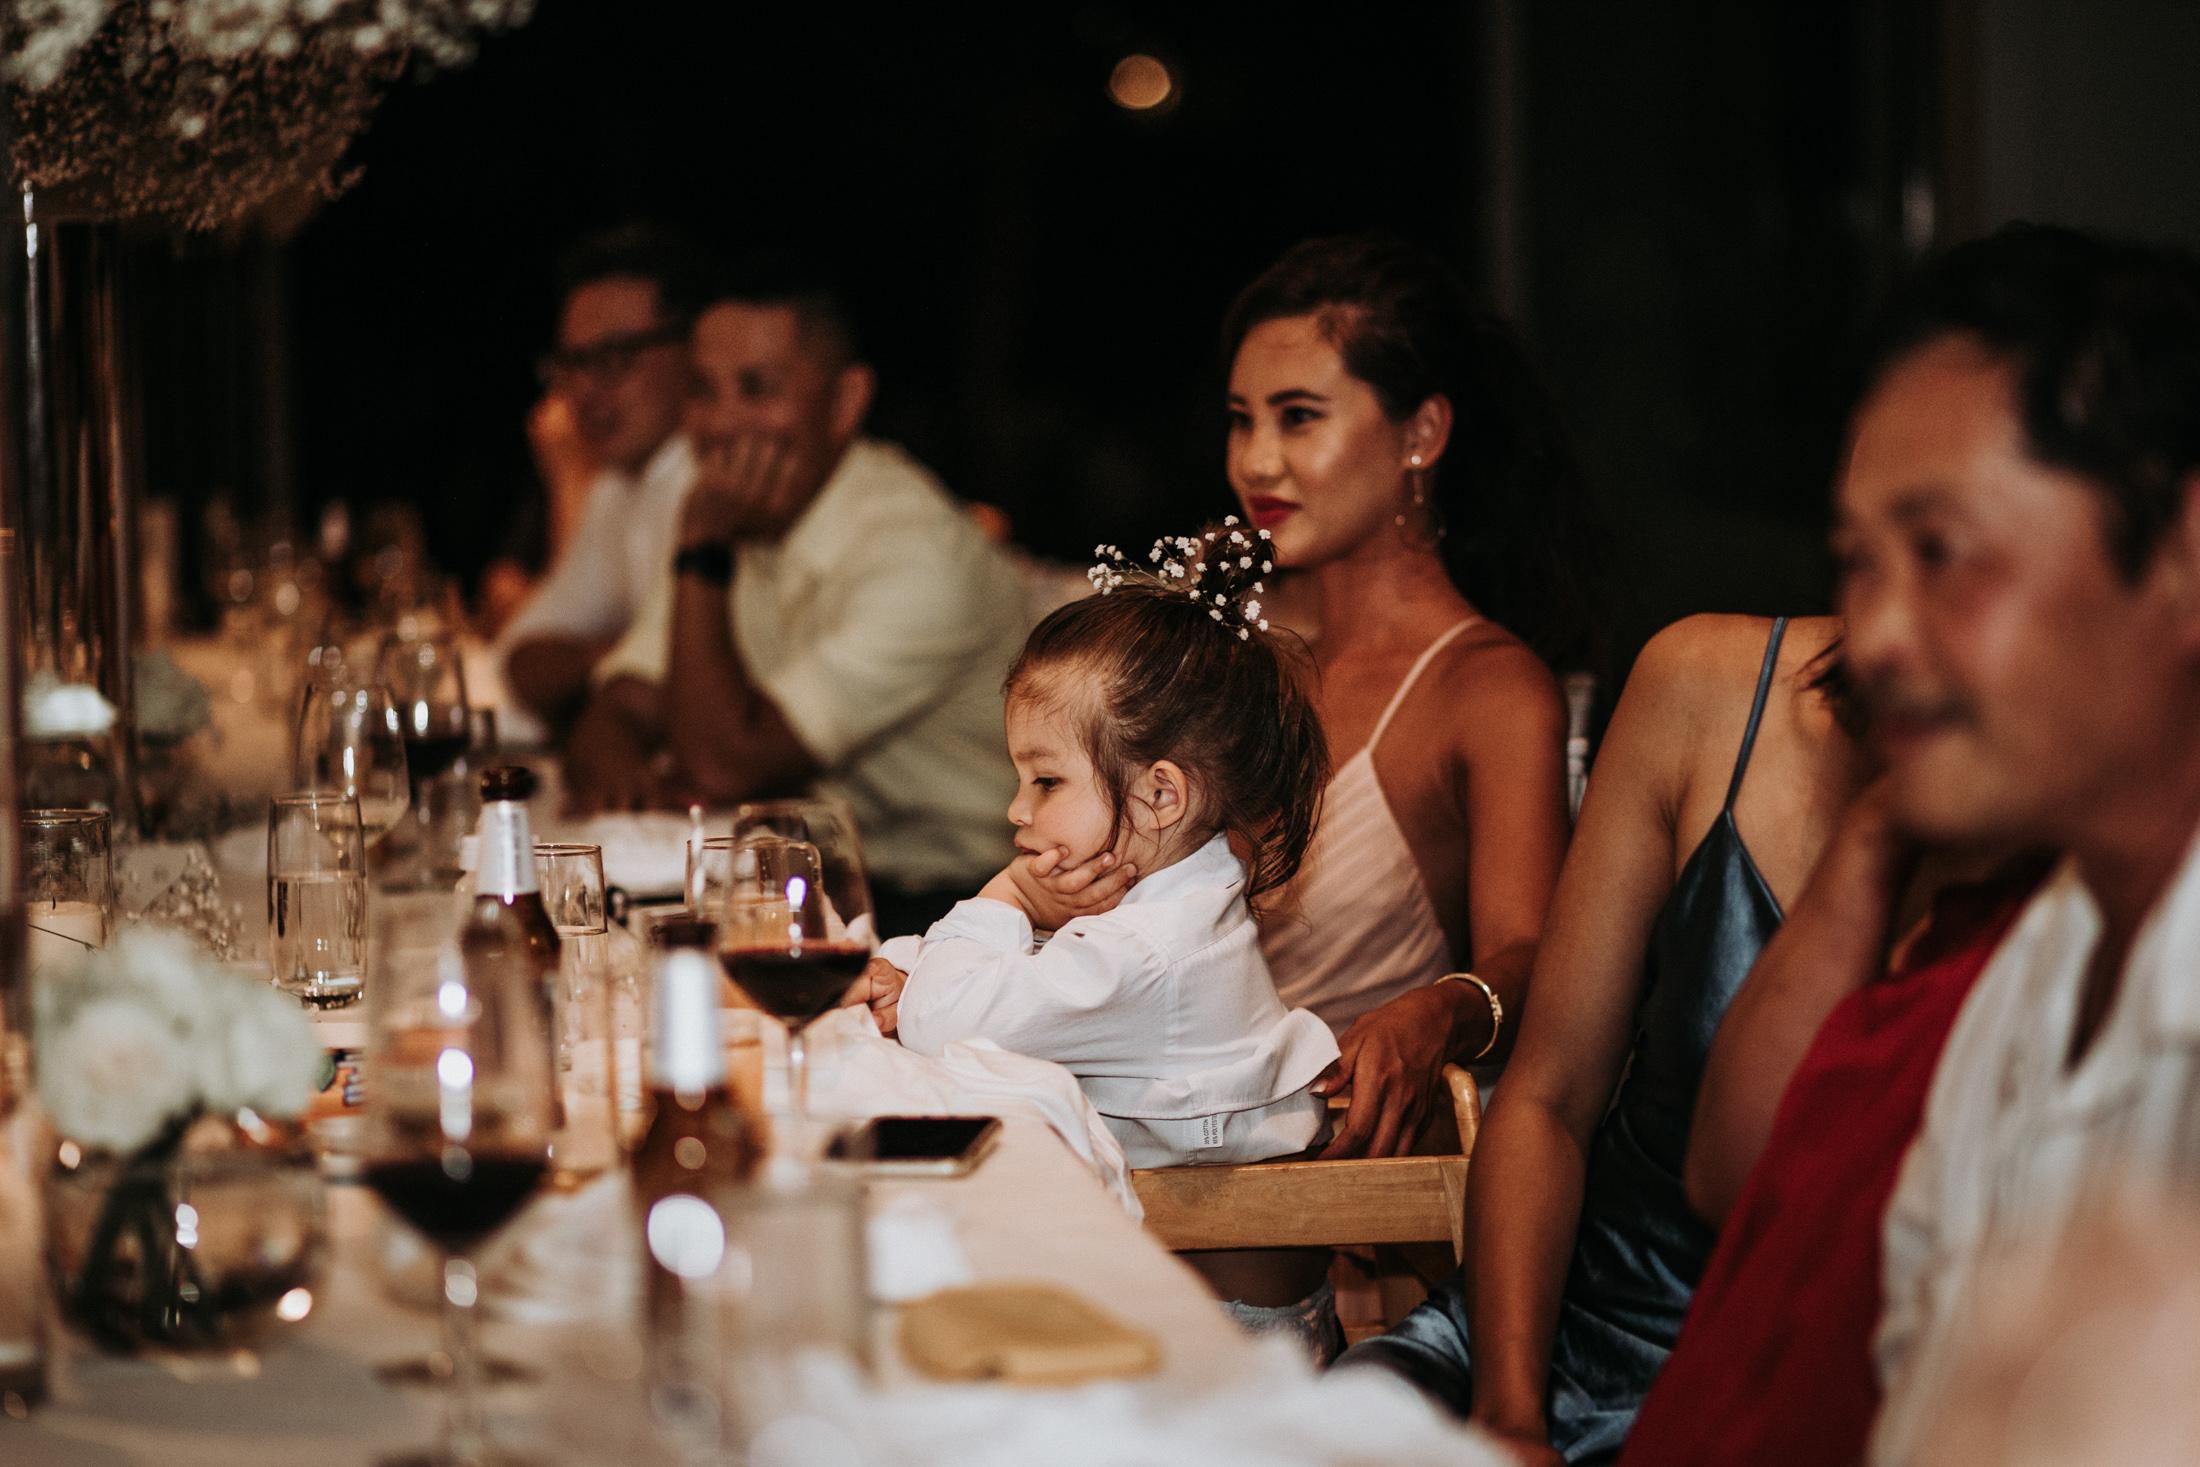 DanielaMarquardt_Wedding_Thailand_394